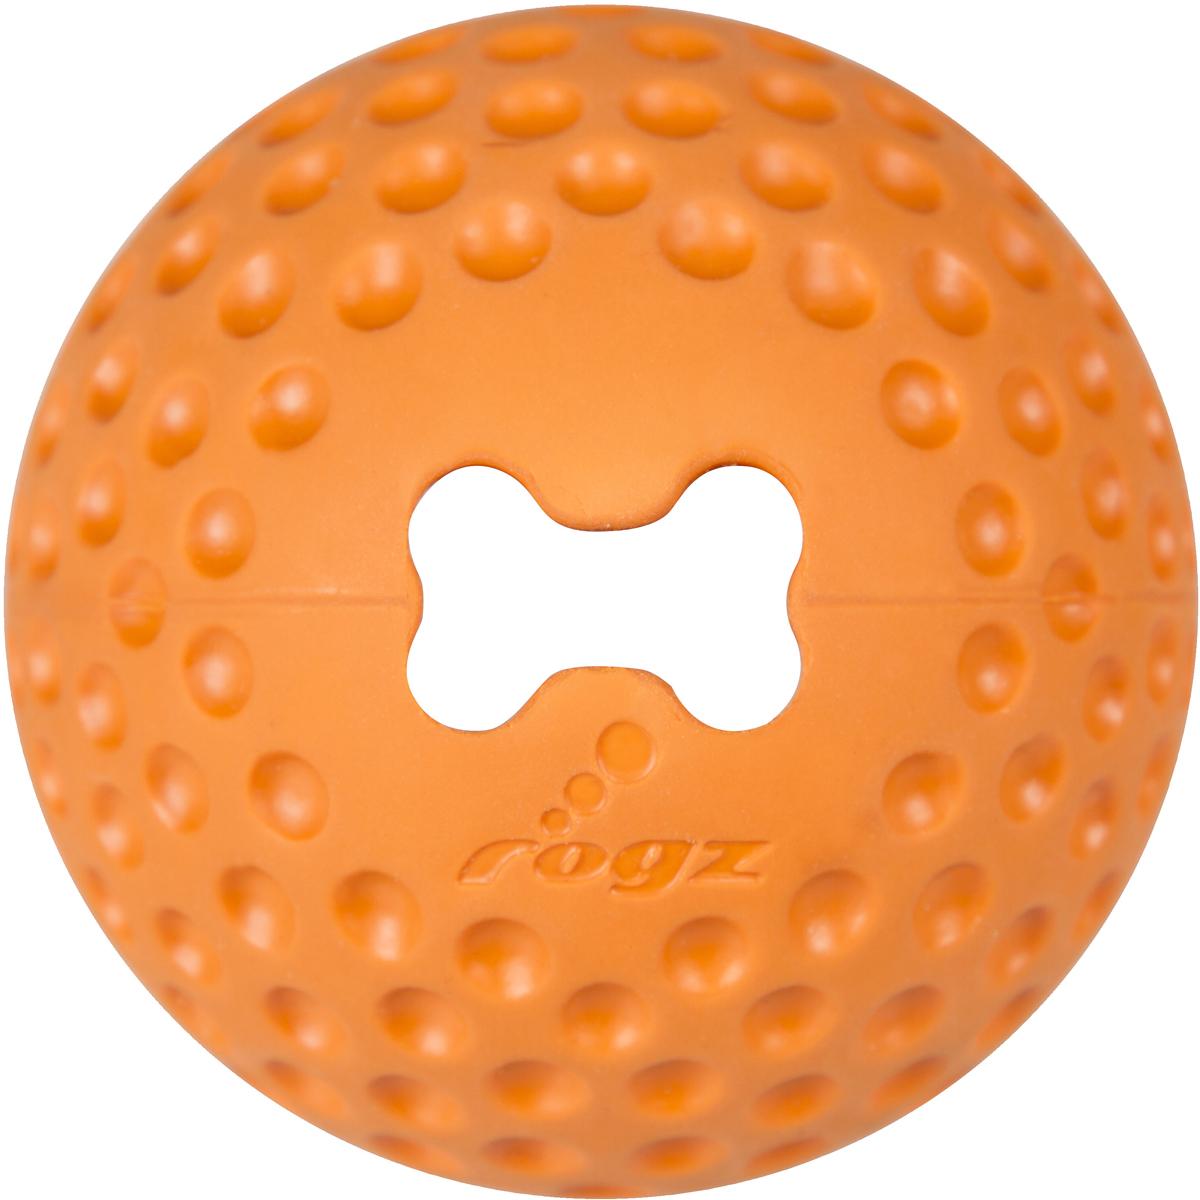 Игрушка для собак Rogz Gumz, с отверстием для лакомства, цвет: оранжевый, диаметр 7,8 смGU04DИгрушка для собак Rogz Gumz тренирует жевательные мышцы и массирует десны собаке. Отлично подходит для дрессировки, так как есть отверстие для лакомства.Отлично подпрыгивает при играх.Занимательная игрушка выдерживает долгое жевание и разгрызание. Материал изделия: 85 % натуральной резины, 15 % синтетической резины. Не токсичен.